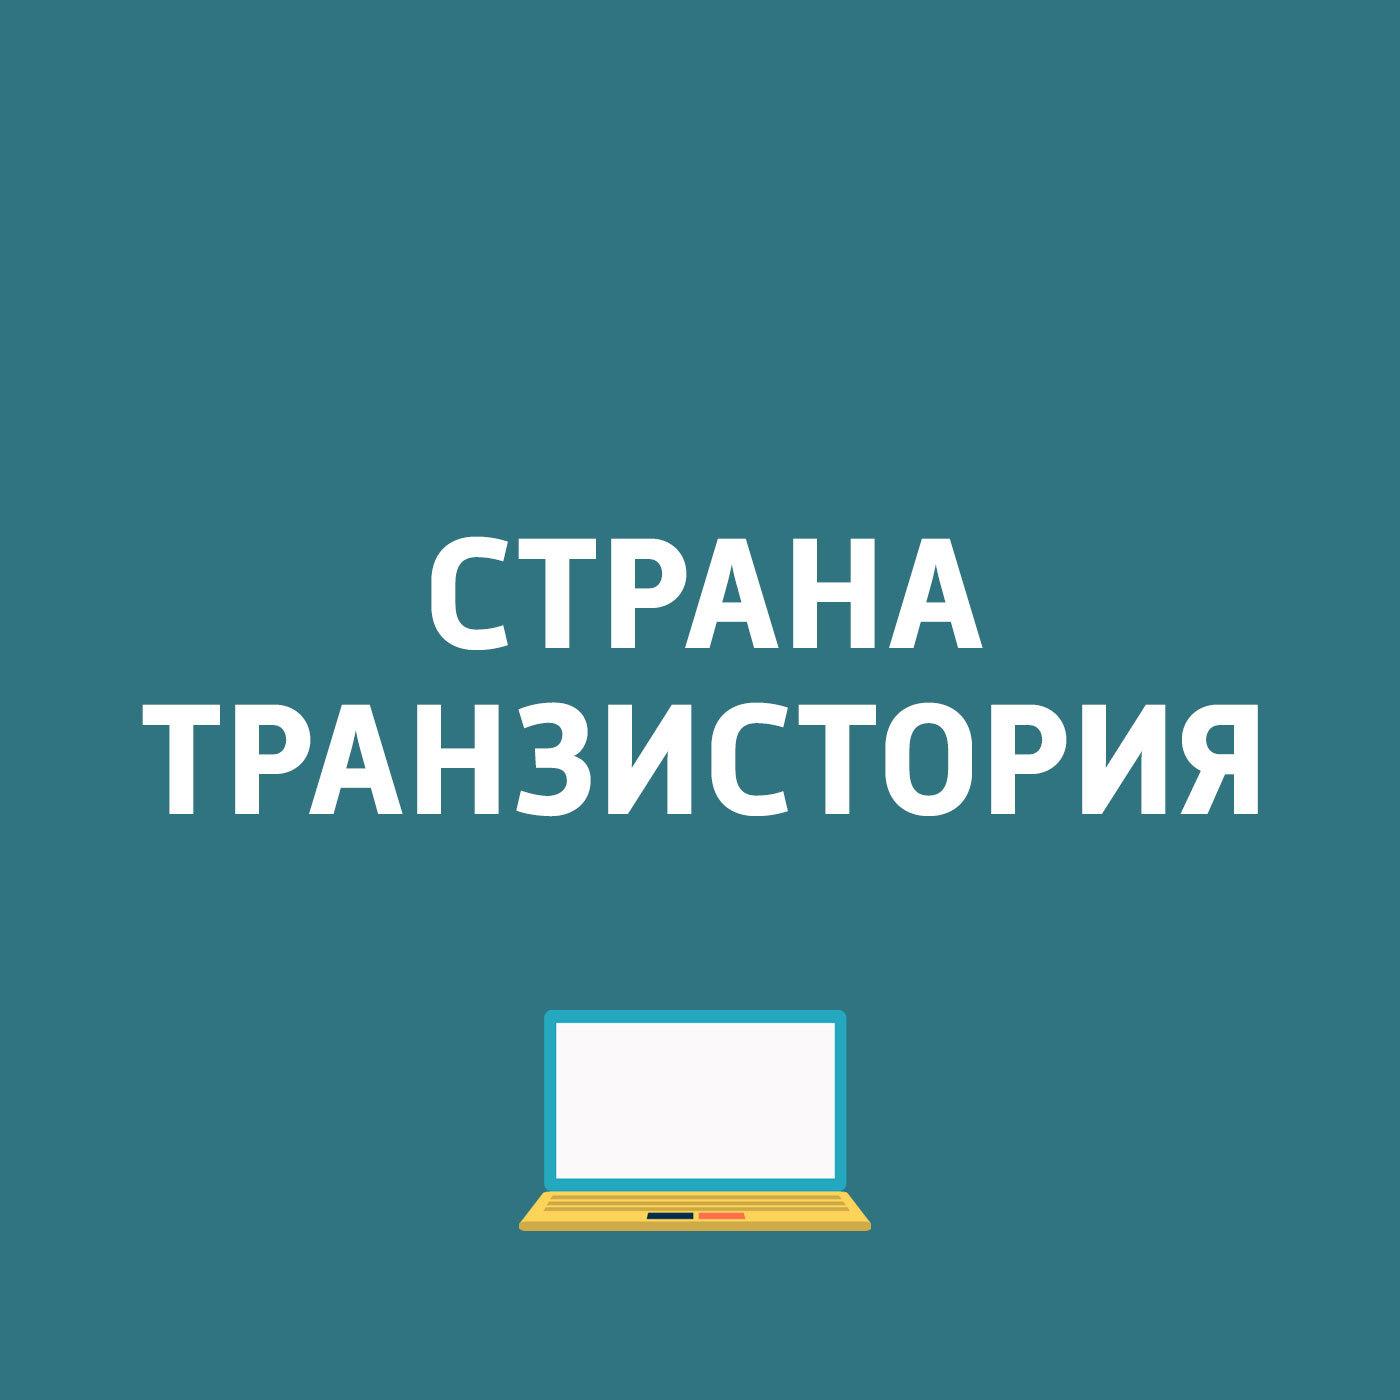 Картаев Павел Опубликован рейтинг приложений для поиска работы картаев павел киберспорт в россии приравняли к футболу